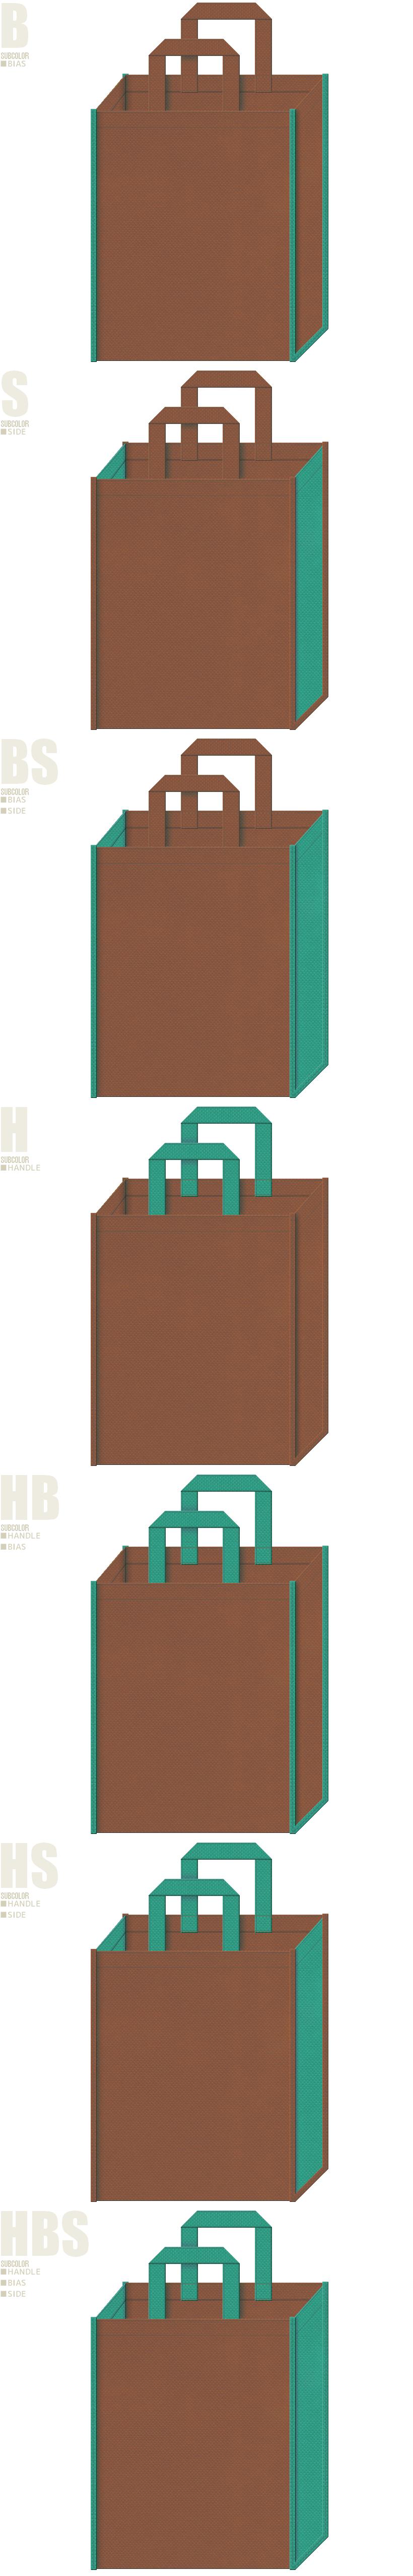 緑化イベント・肥料・農業セミナー・ガーデニング・園芸用品の展示会・販促イベントにお奨めの不織布バッグデザイン:茶色と青緑色の配色7パターン